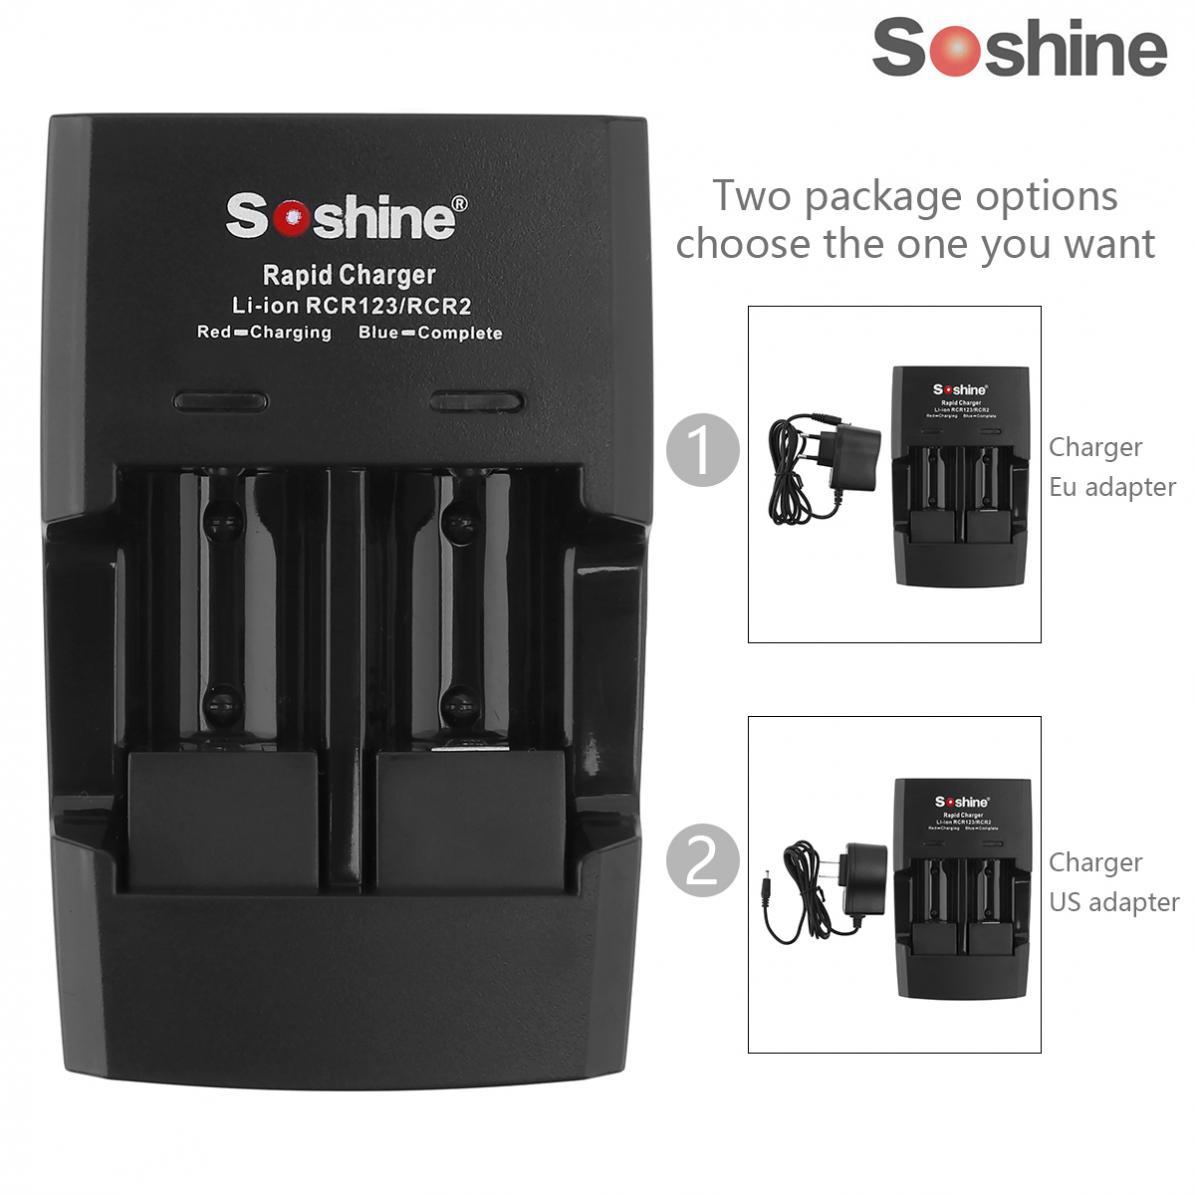 Soshine 2 ranuras Li-ion RCR123 / RCR2 cargador inteligente rápido de batería con indicador LED para batería 14250 / CR2 / 16340 / 17335